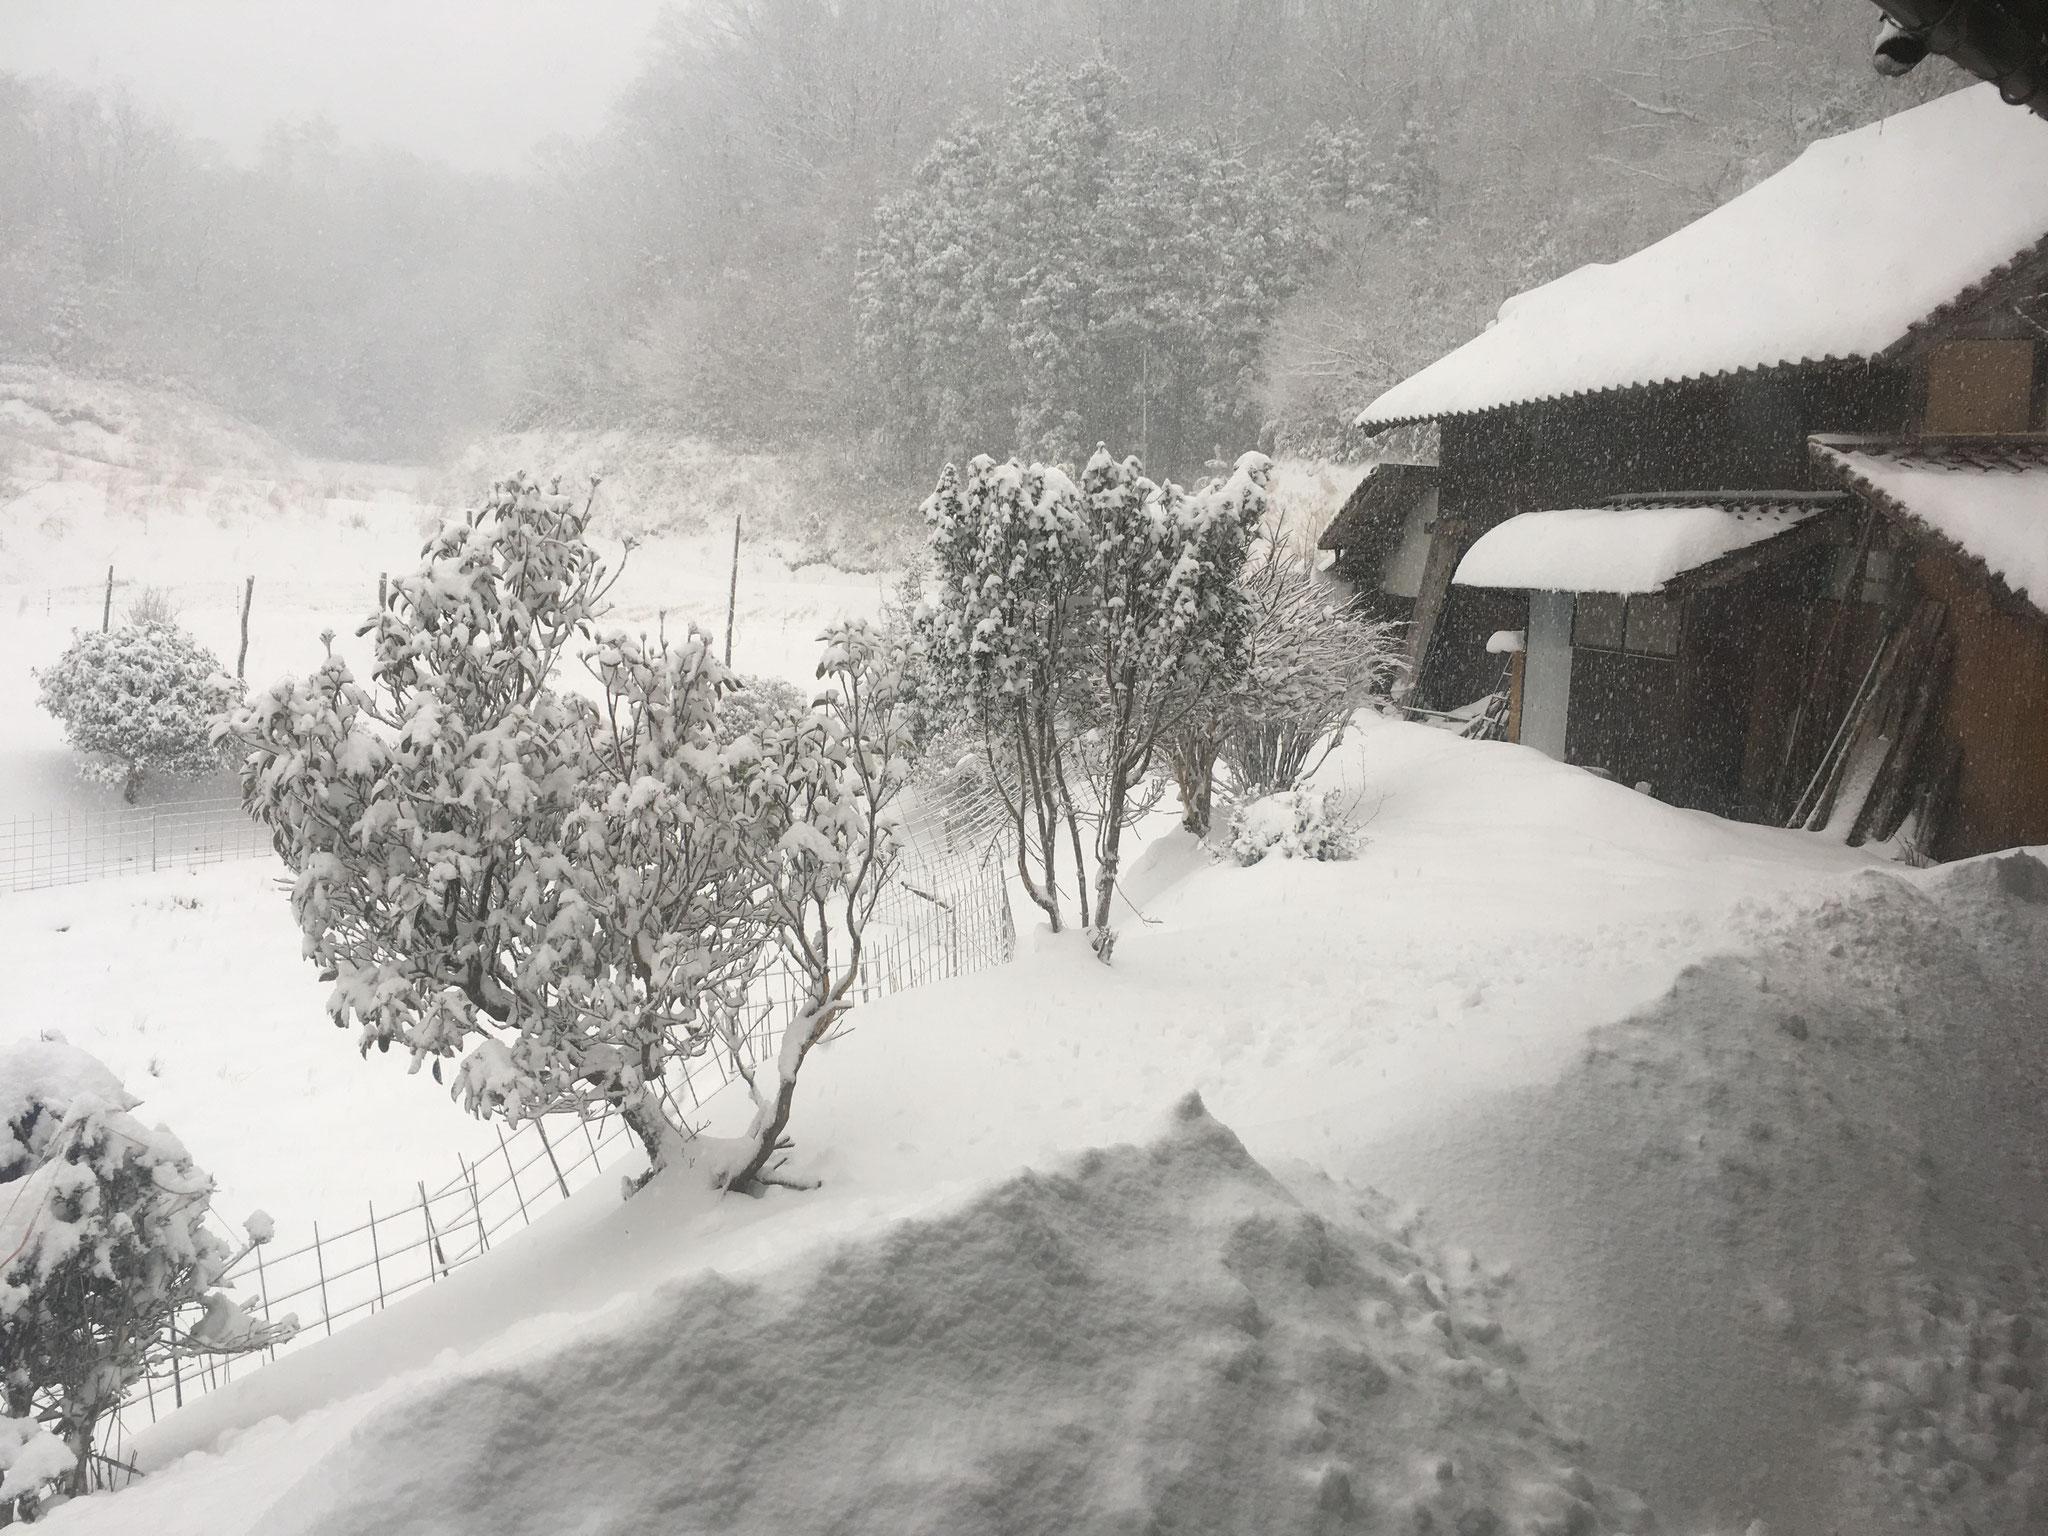 年に1度は、雪に埋もれます。除雪車が来るまで雪籠りです。